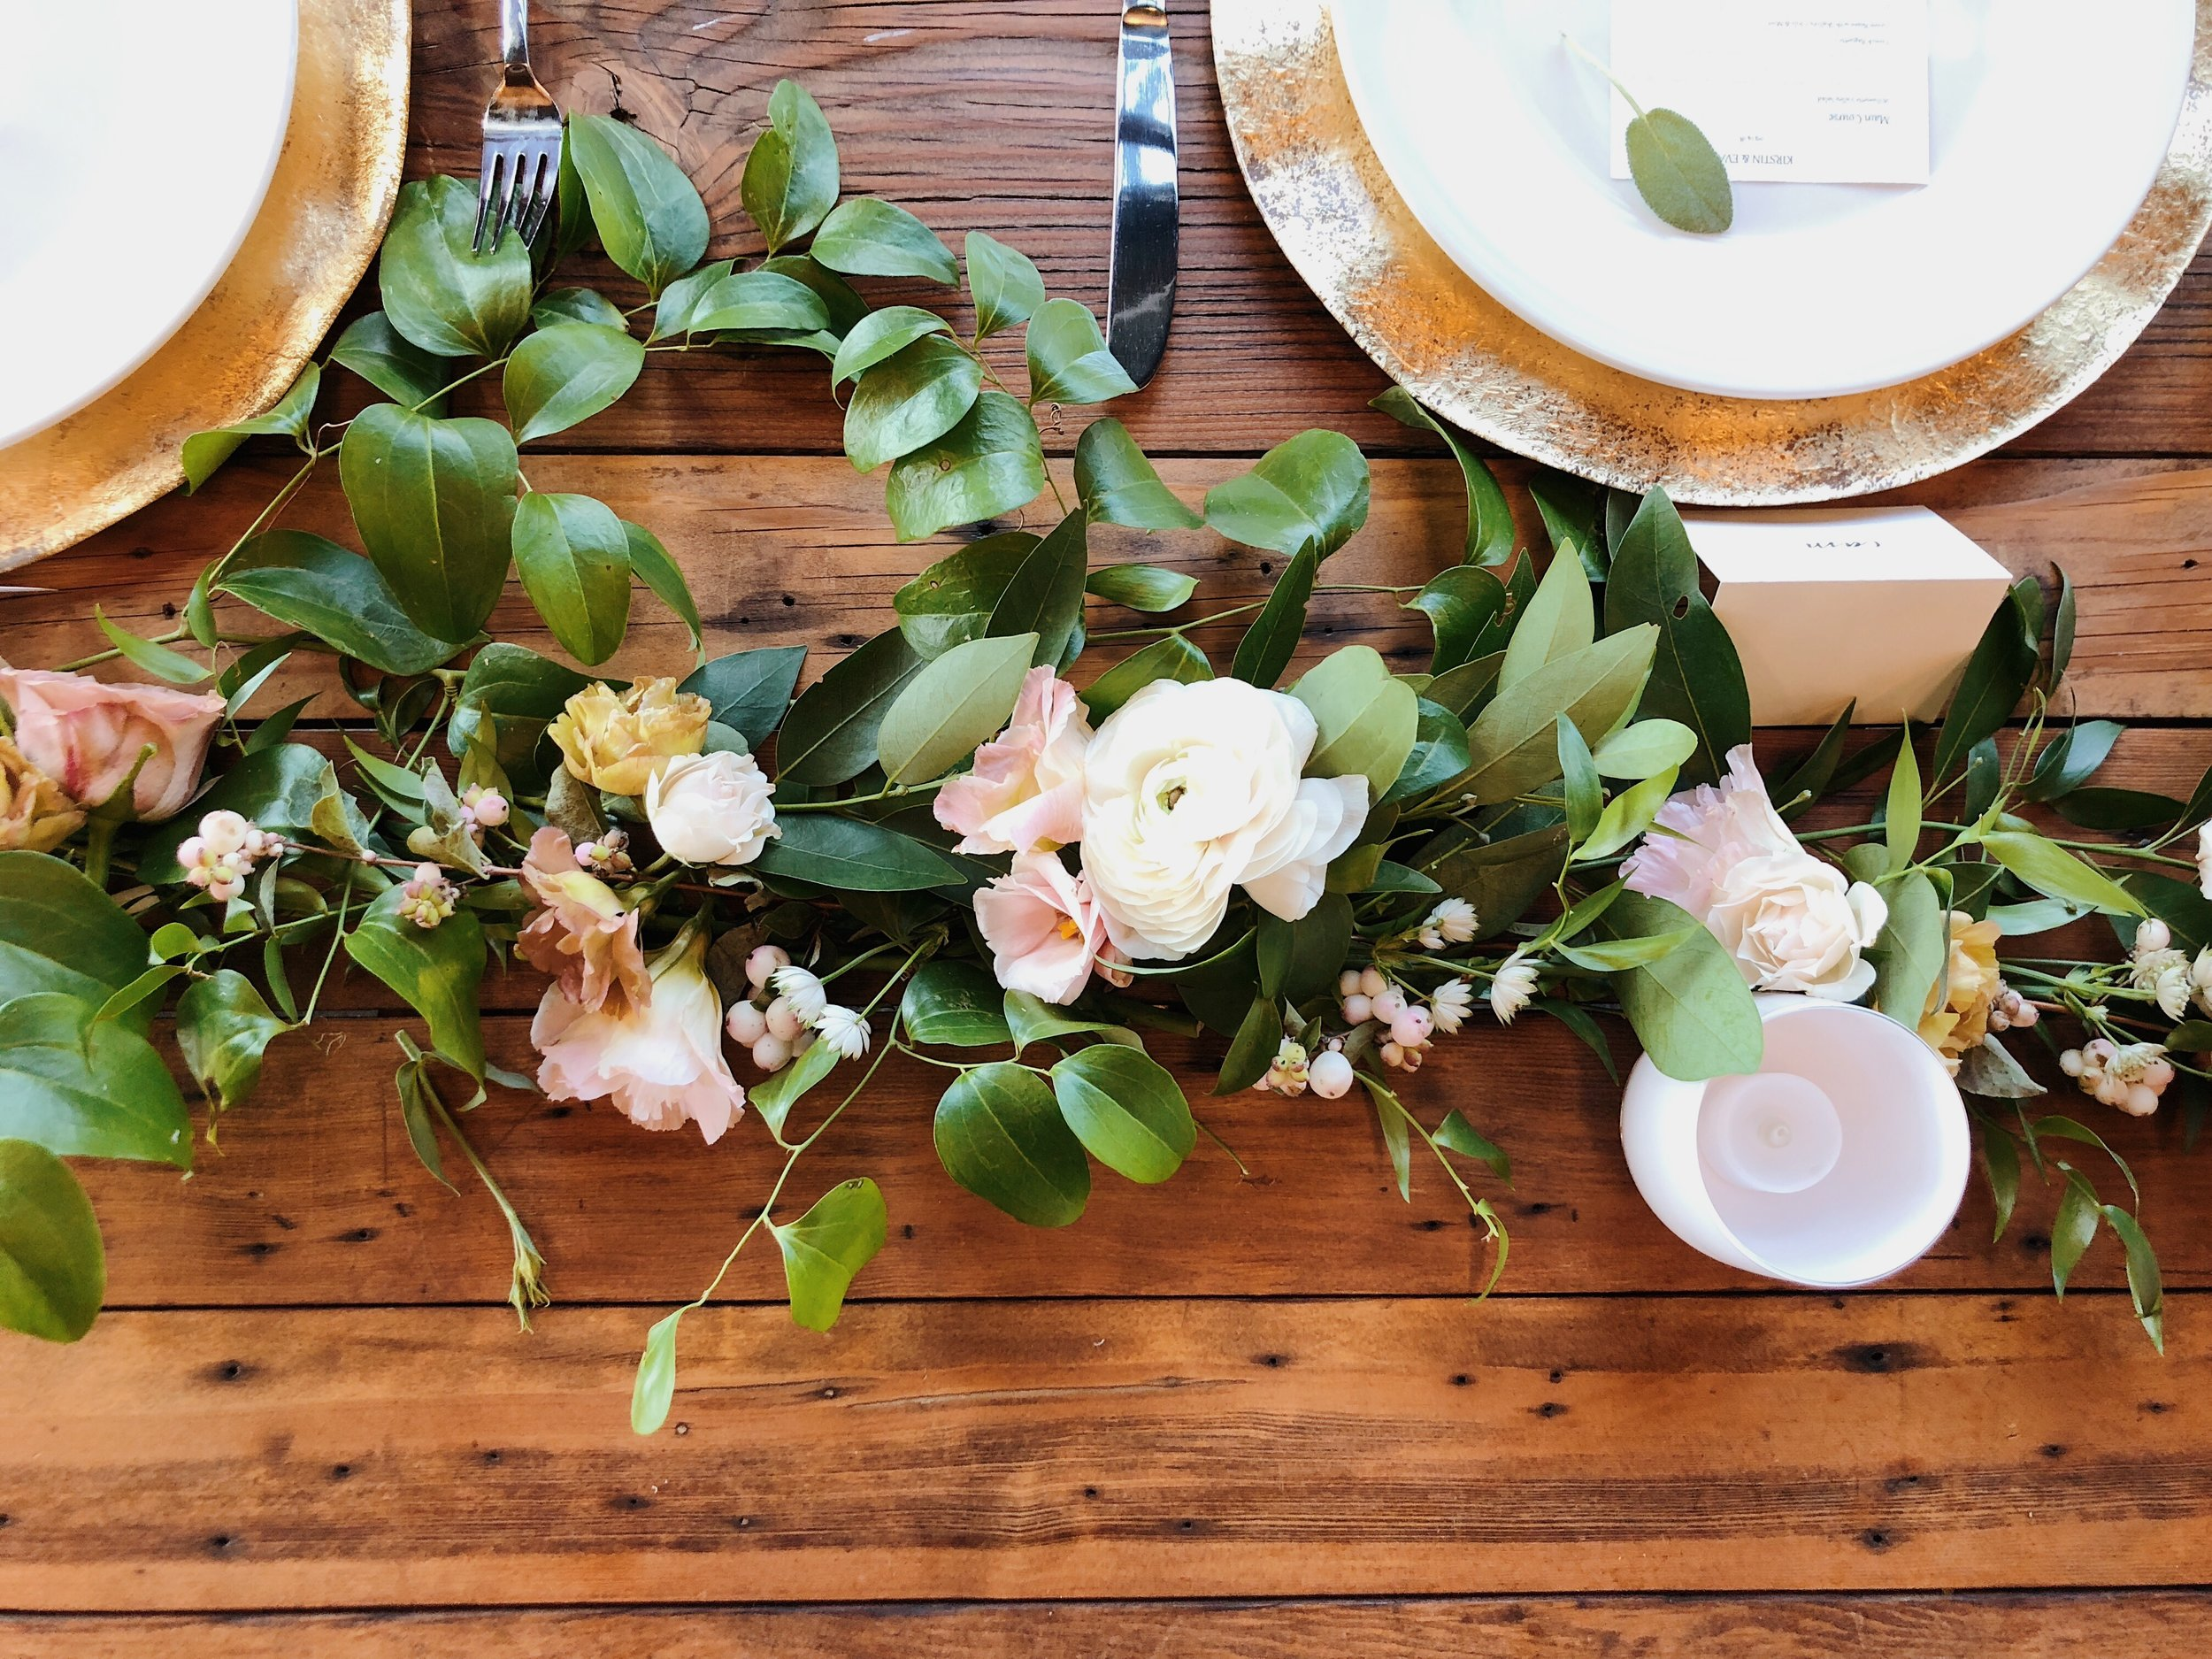 portland florist | austin florist | Oregon florist